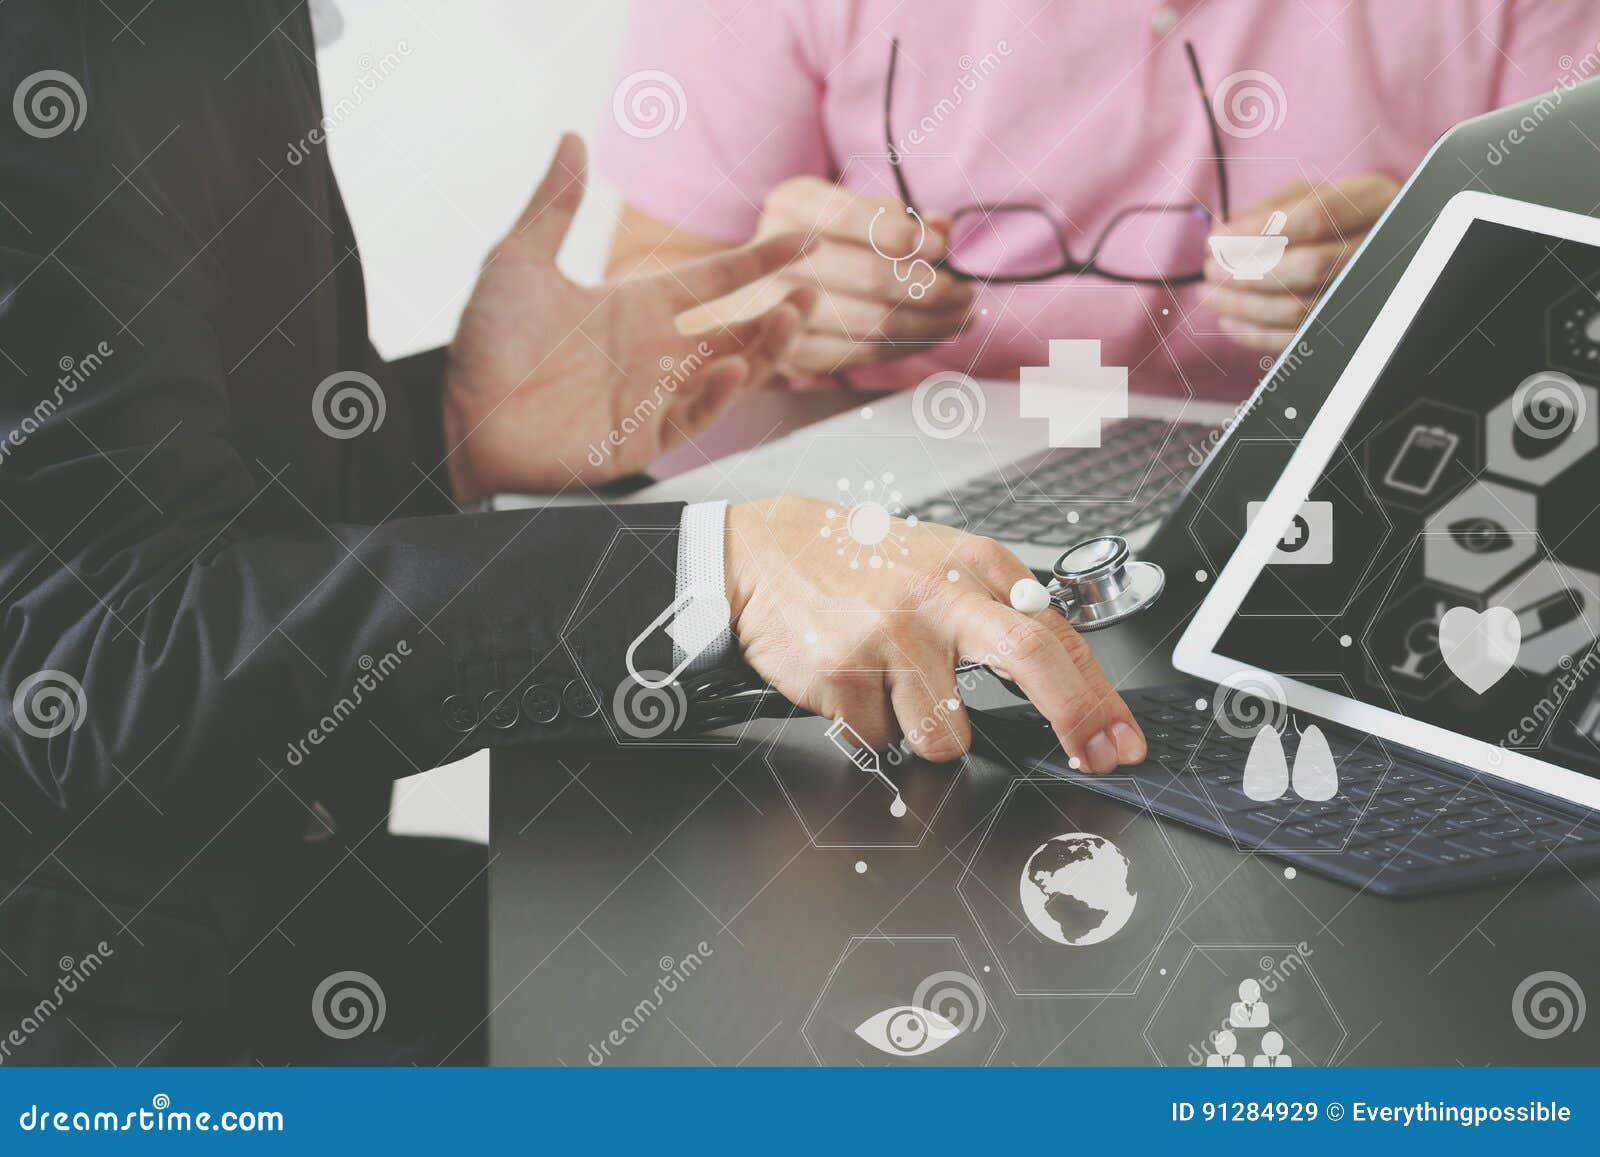 Medicinskt begrepp, doktor arbetar med den smarta telefonen, och D för Co som funktionsdugligt